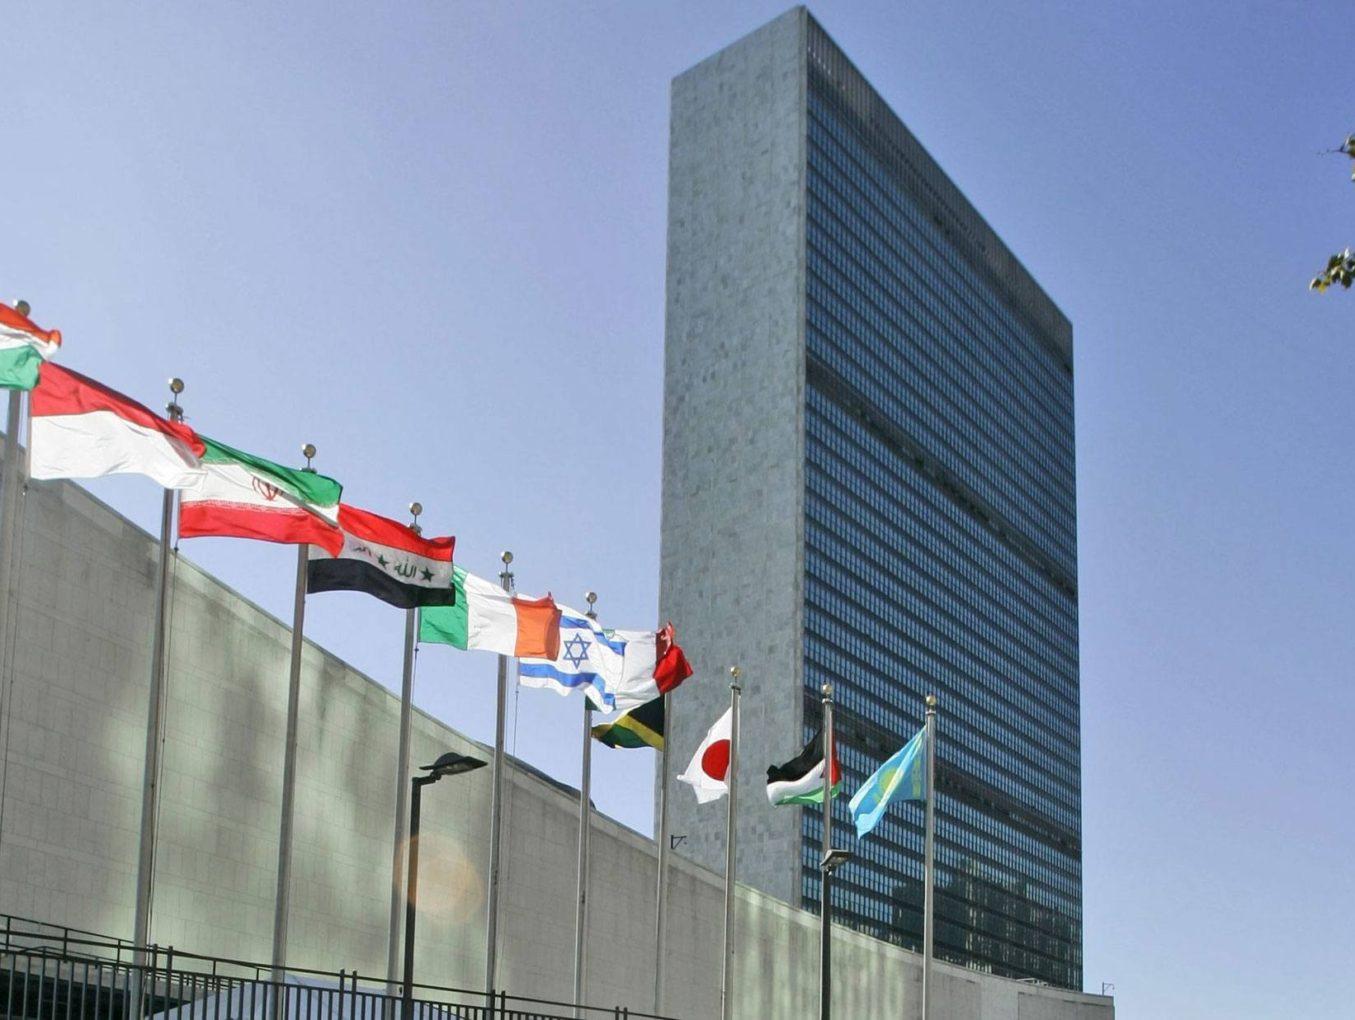 La seguridad colectiva y la paz desde una perspectiva bahá'í: reflexión con motivo del 75 aniversario de la ONU